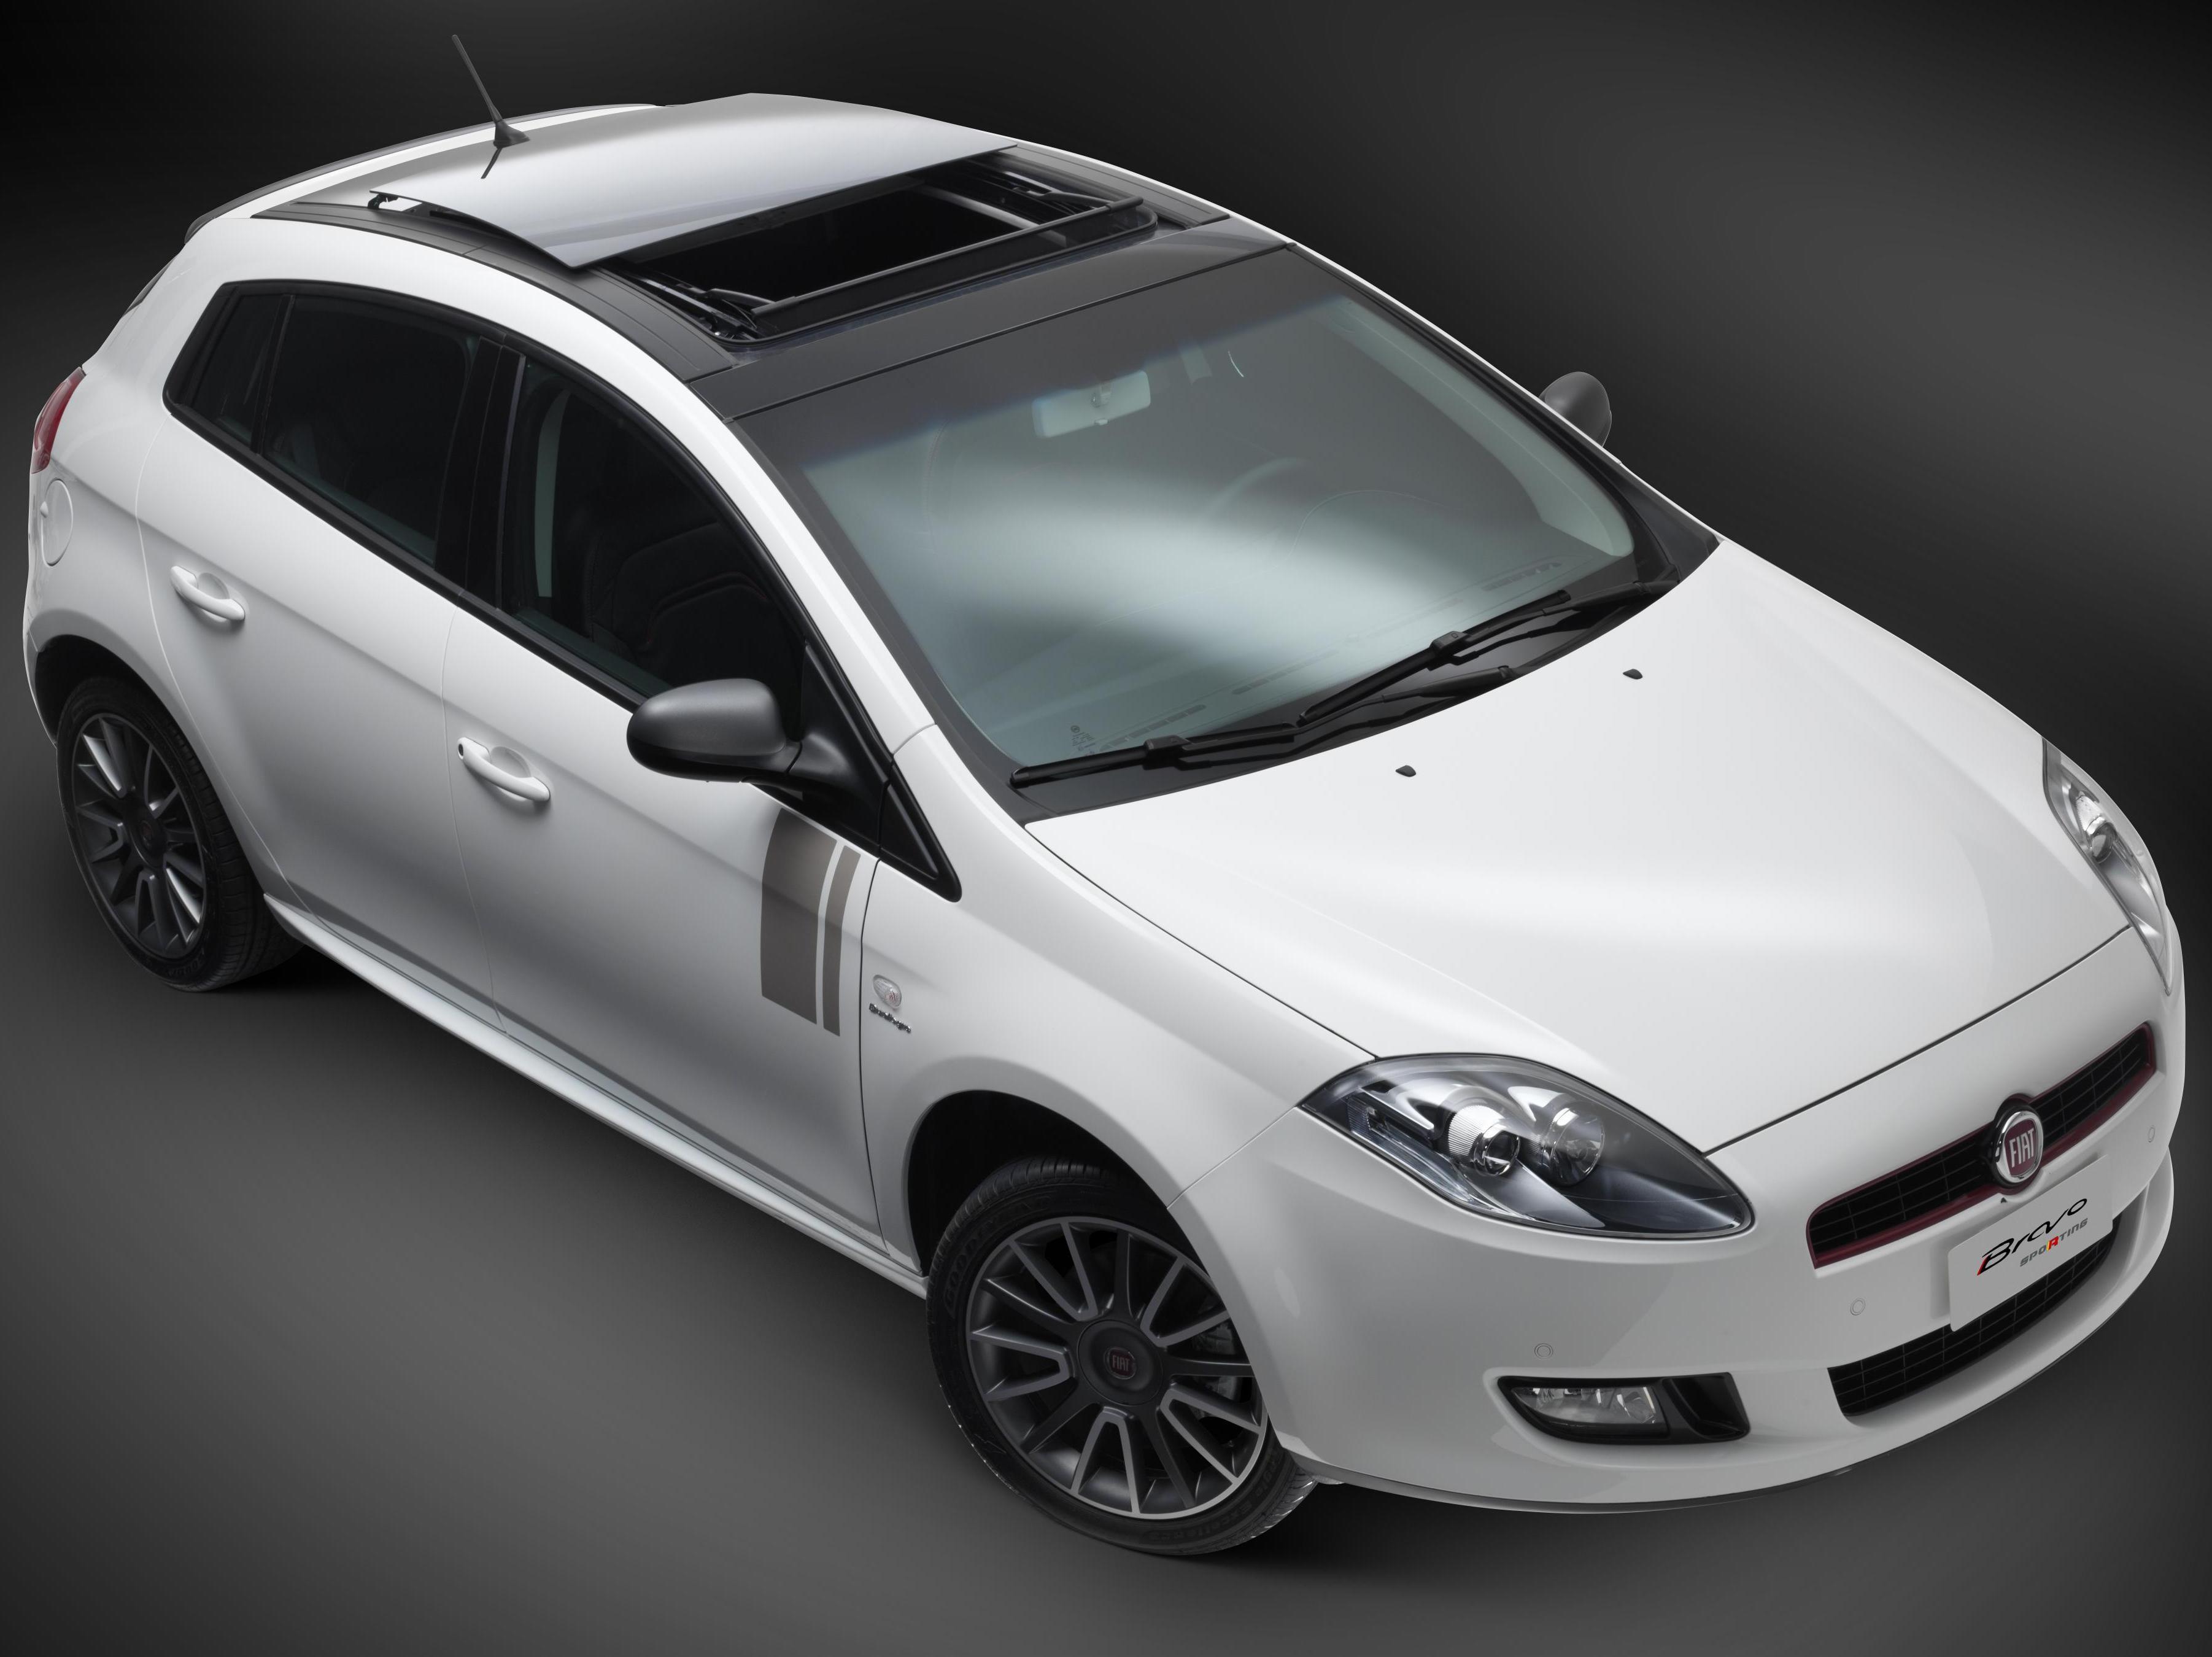 Fiat Bravo Ganha Versao Sporting Com Teto Solar De Serie All The Cars